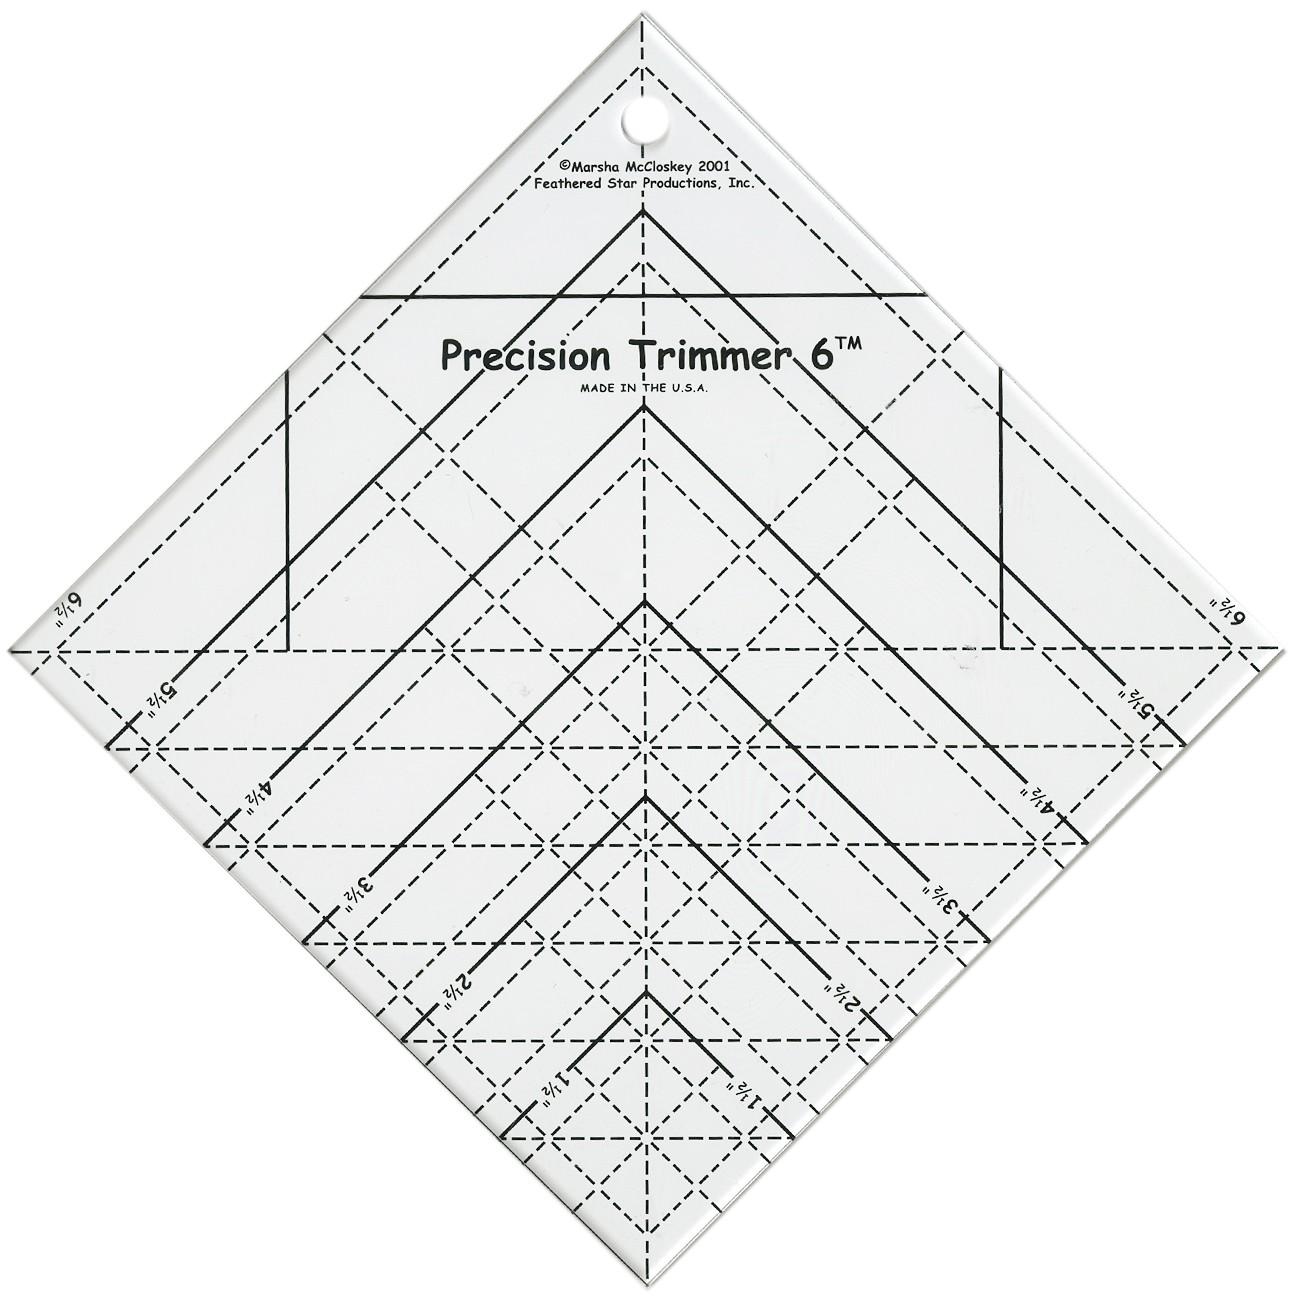 Precision Trimmer 6